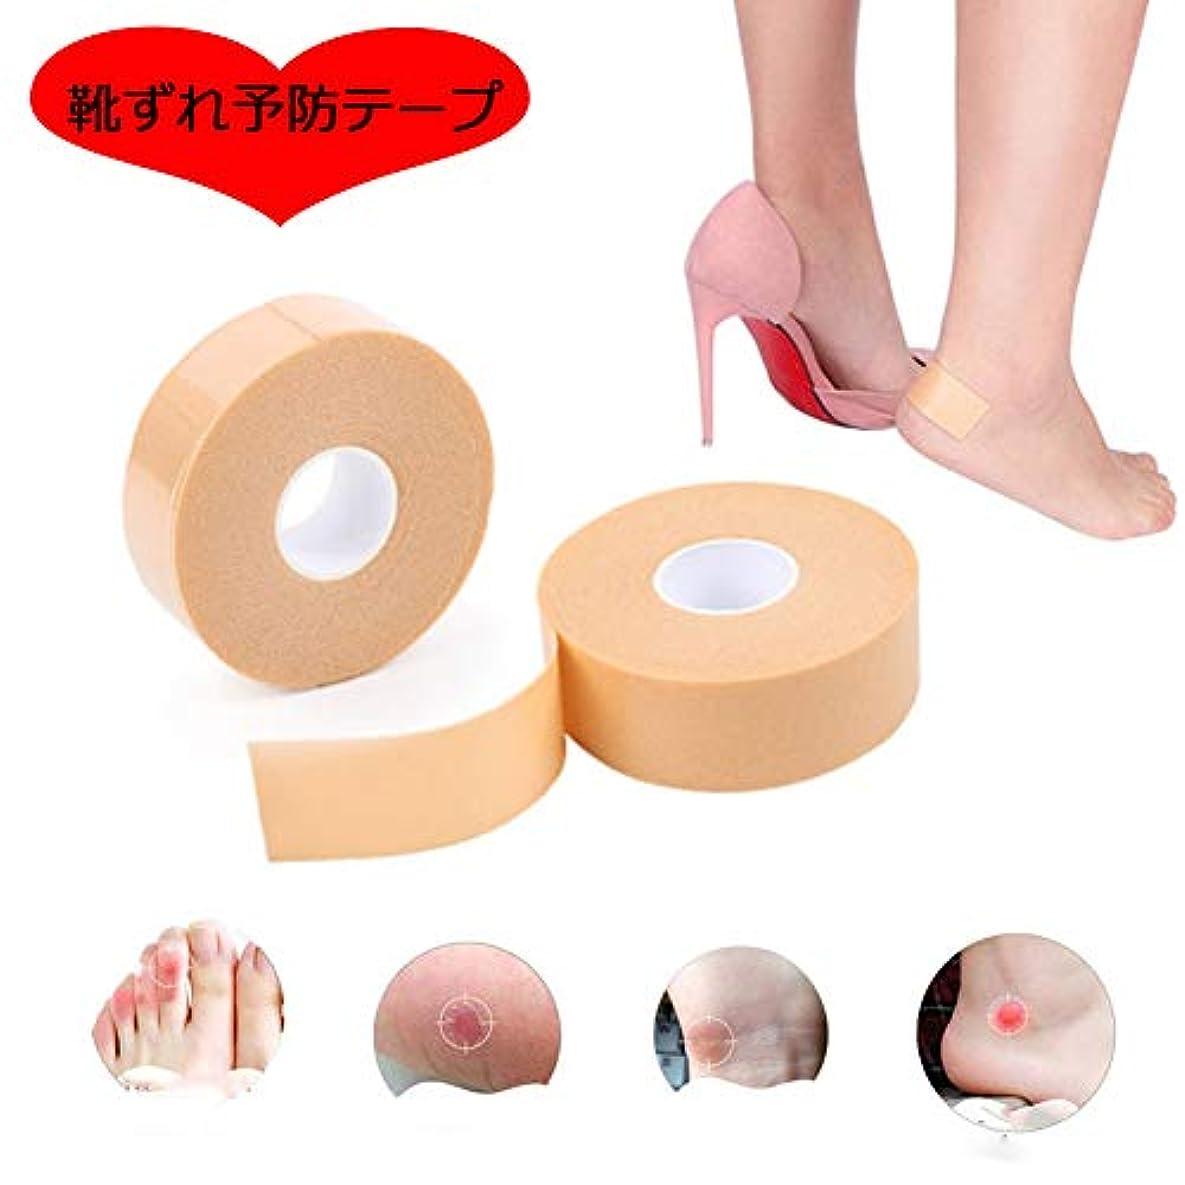 オペラ書き込み溶接靴ずれ予防テープ EXTSUD 靴擦れ防止 かかと パッド ヒールステッカーテープ 2.5cm*5m グ ラインドフットステッカー 切断可能 防水 かかと保護テープ 肌色 粘着 足痛み軽減 伸縮性抜群 男 女兼用